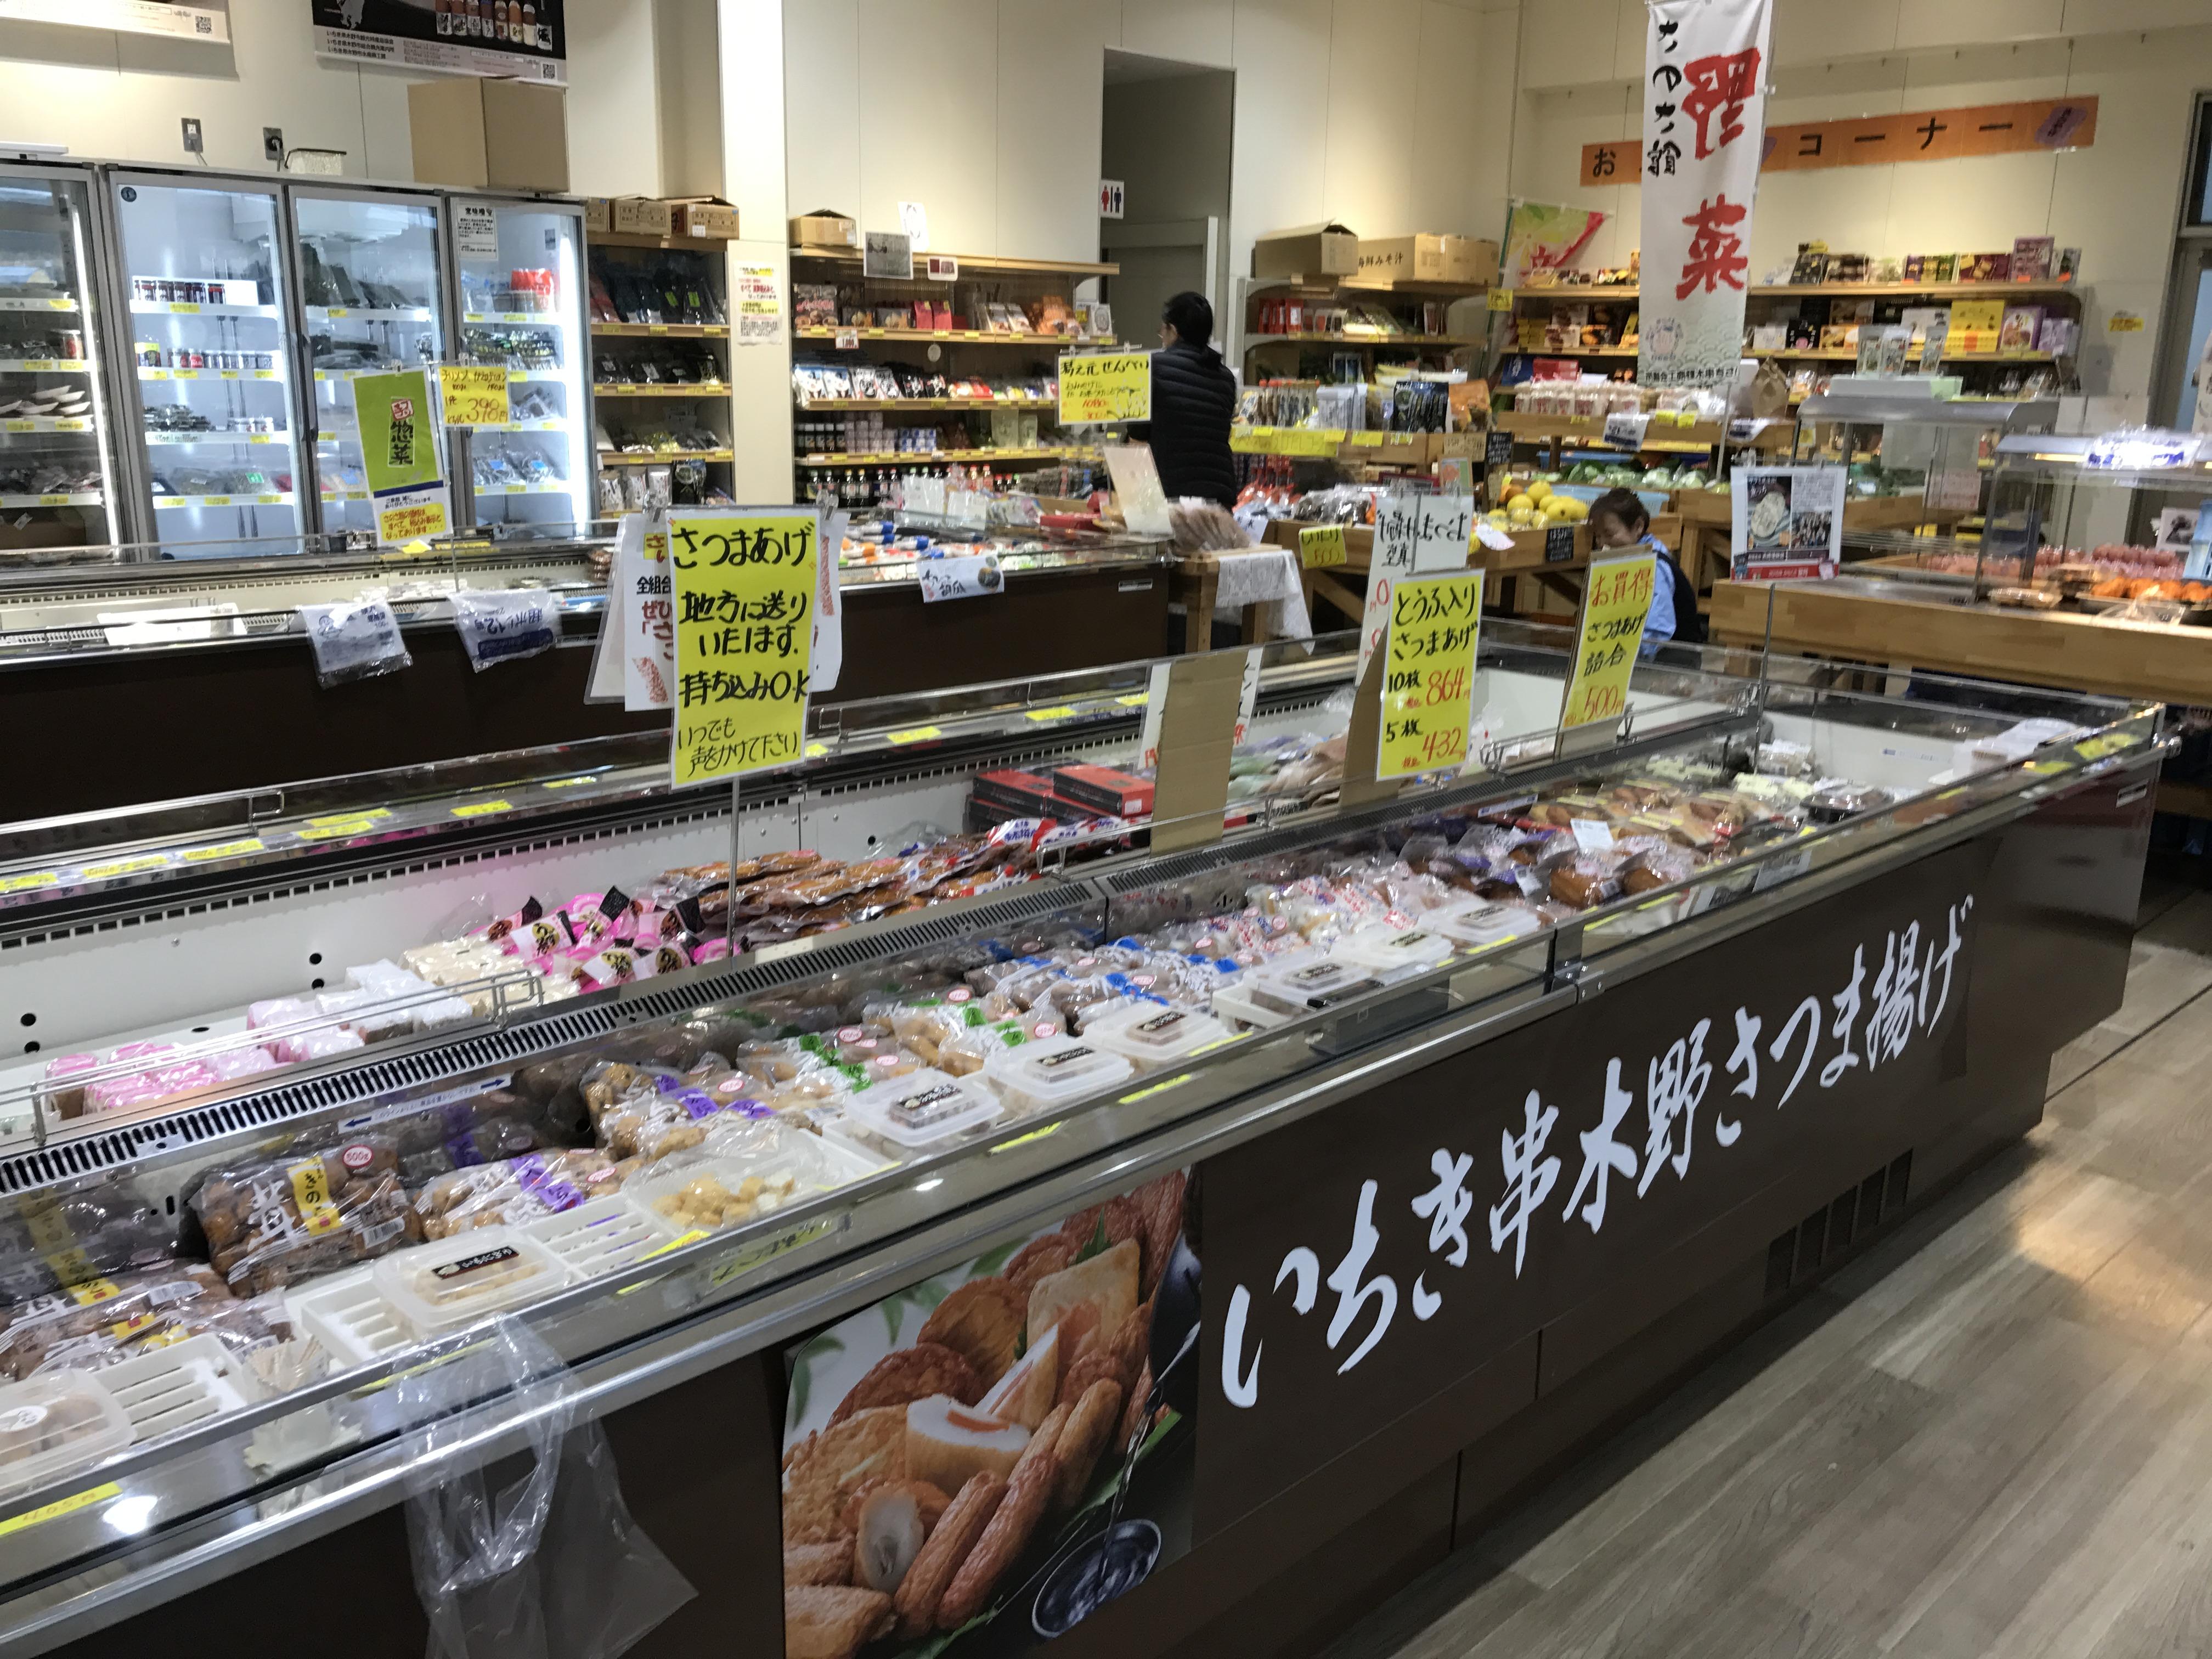 さのさ館にあったサラミ風かまぼこ「魚っち」が美味すぎてわろた【いちき串木野市】